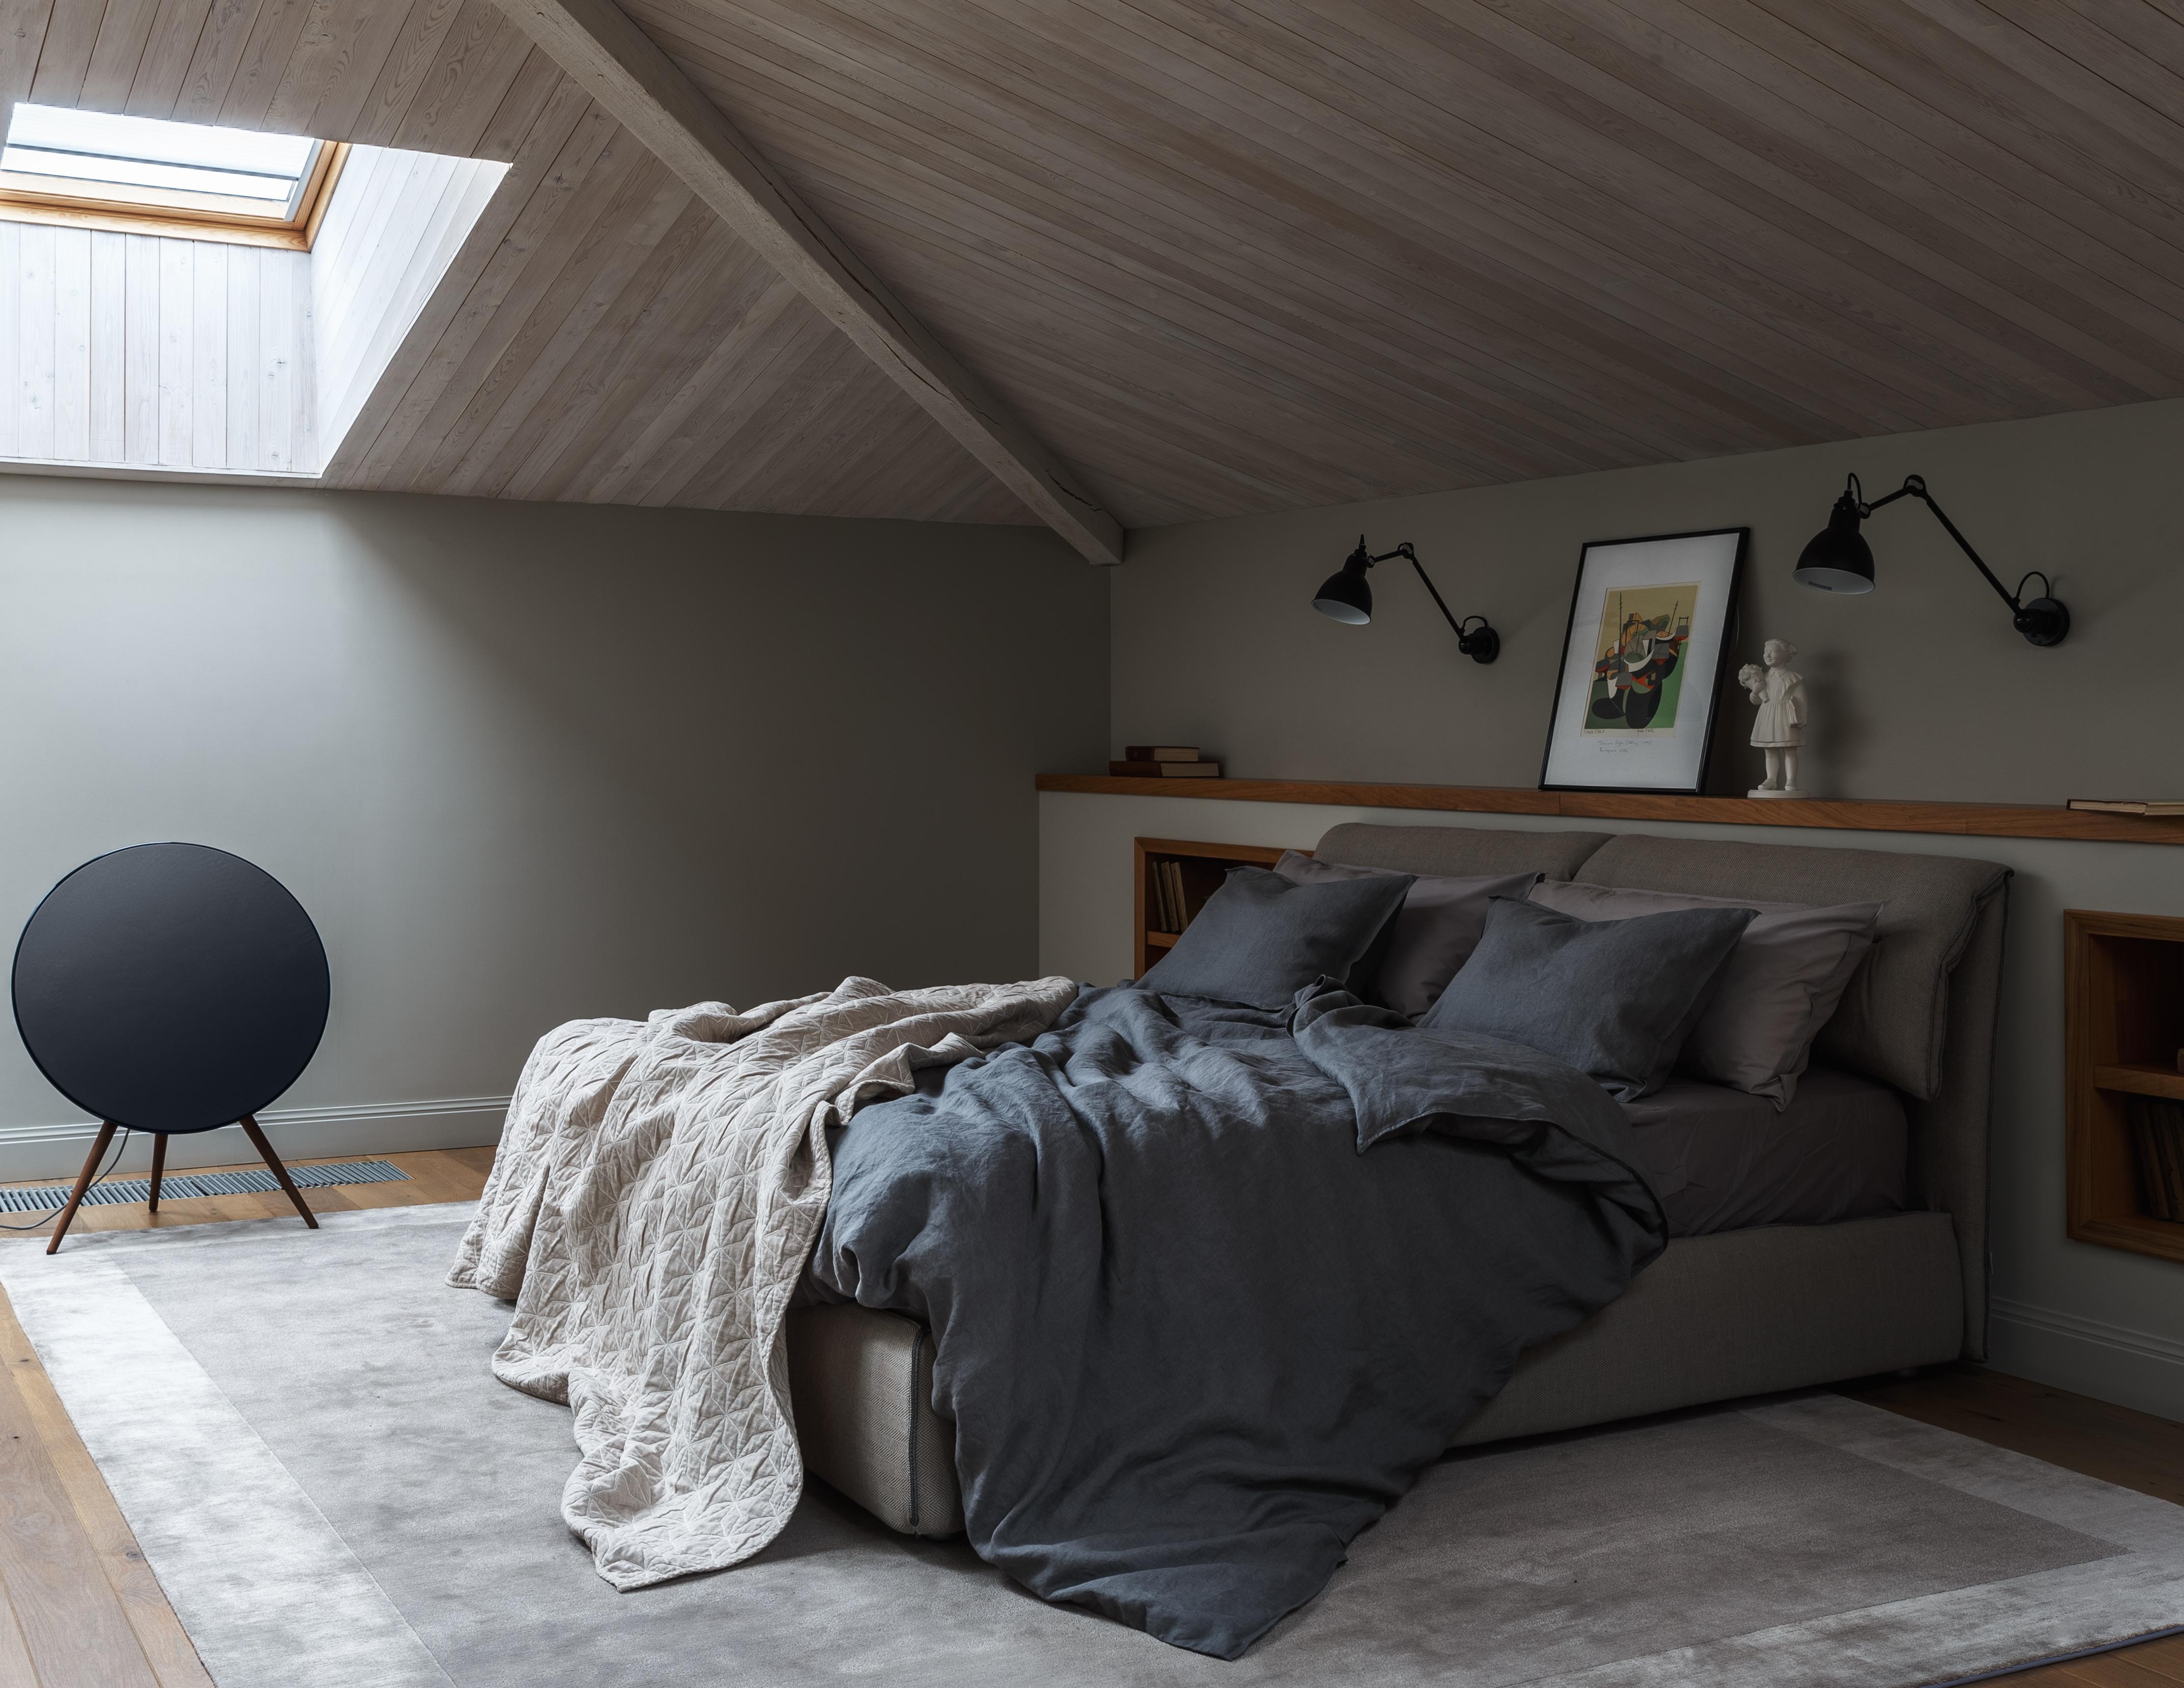 Camera Da Letto Elegante come creare una camera in mansarda: 6 soluzioni eleganti e